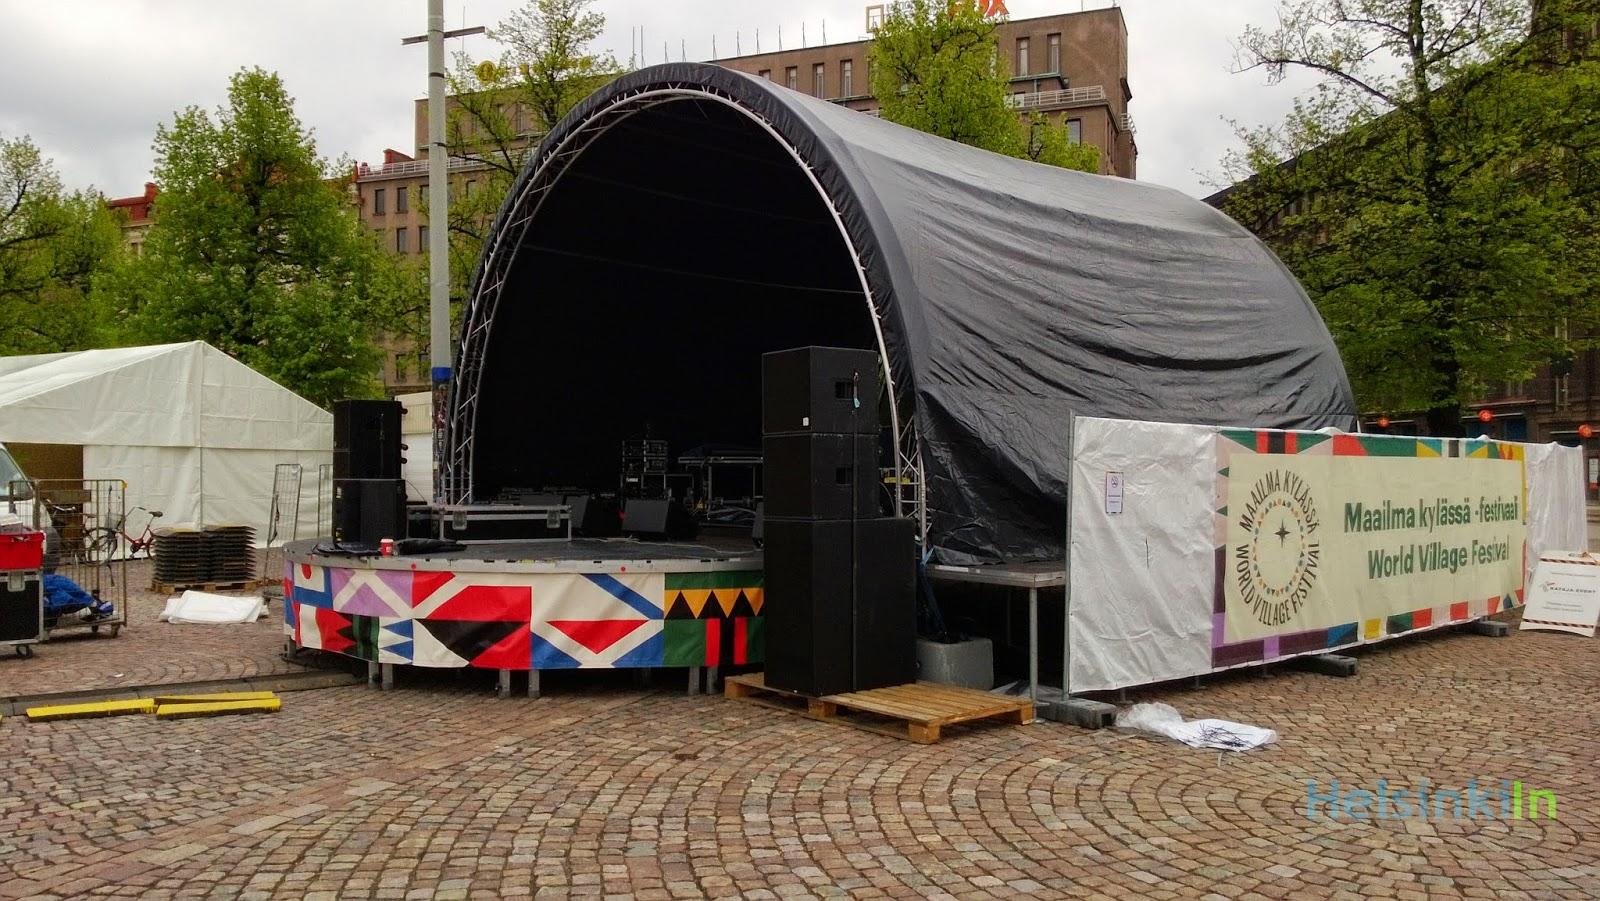 World Village Festival in Helsinki